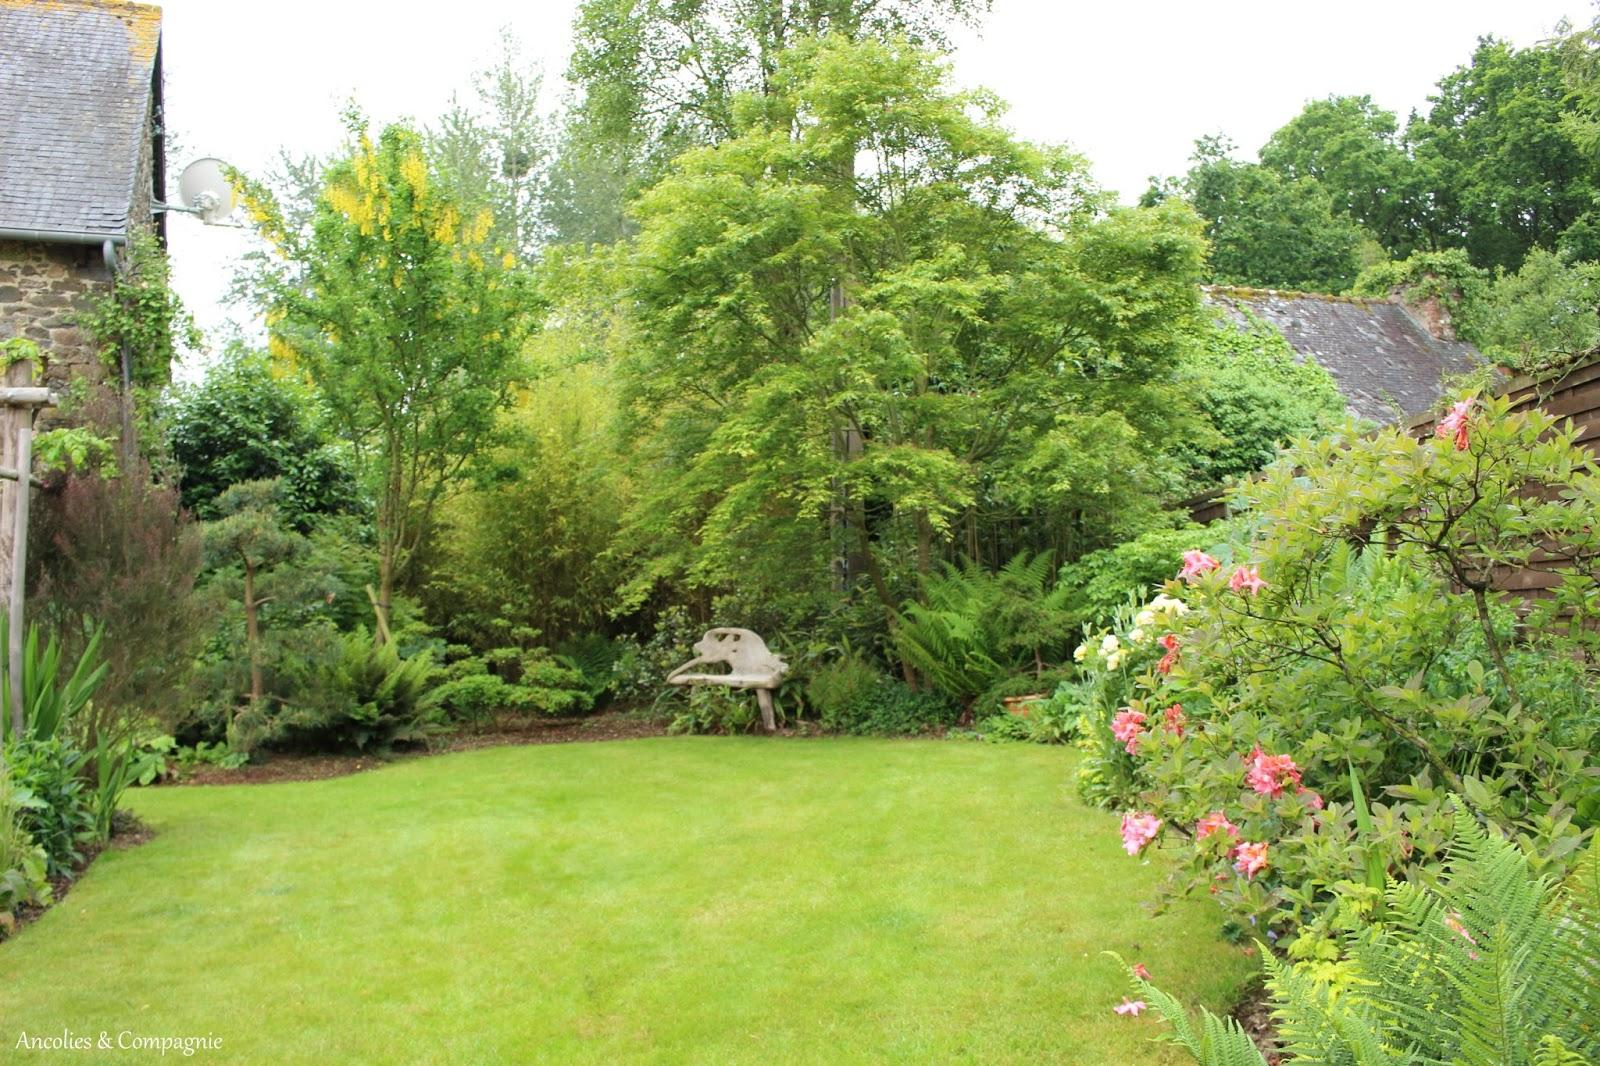 Ancolies compagnie rendez vous au jardin chez daniel for Rendez vous au jardin